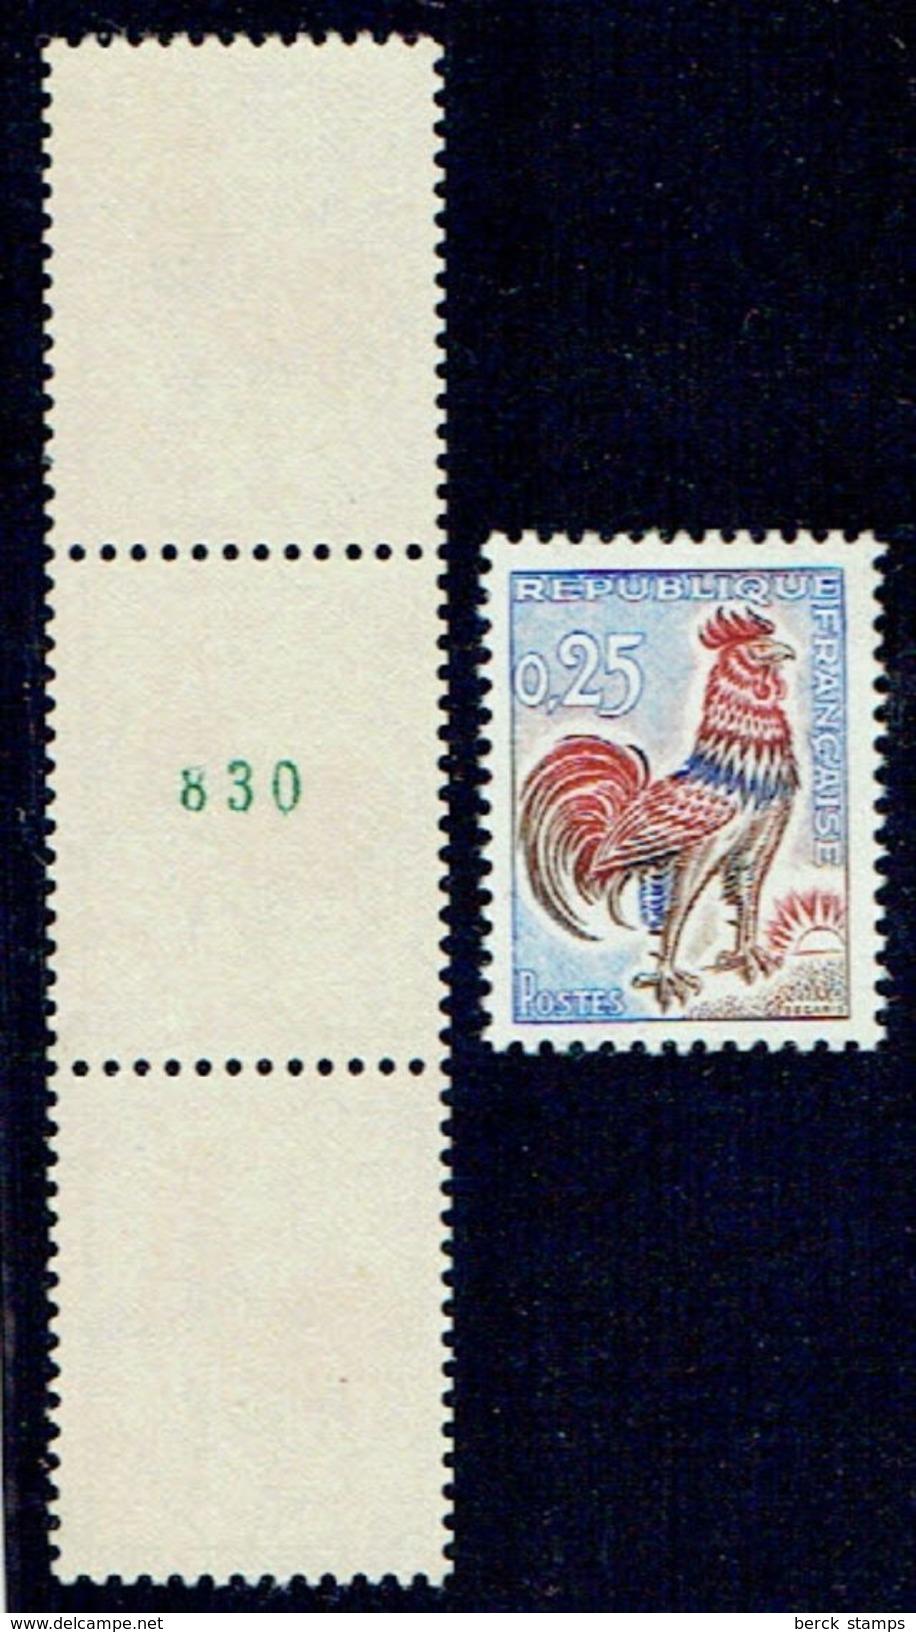 France - N°1331 C - 0,25 - Coq Numéro VERT - En Bande De 3 Luxe -  Cote: 340€ - Coil Stamps